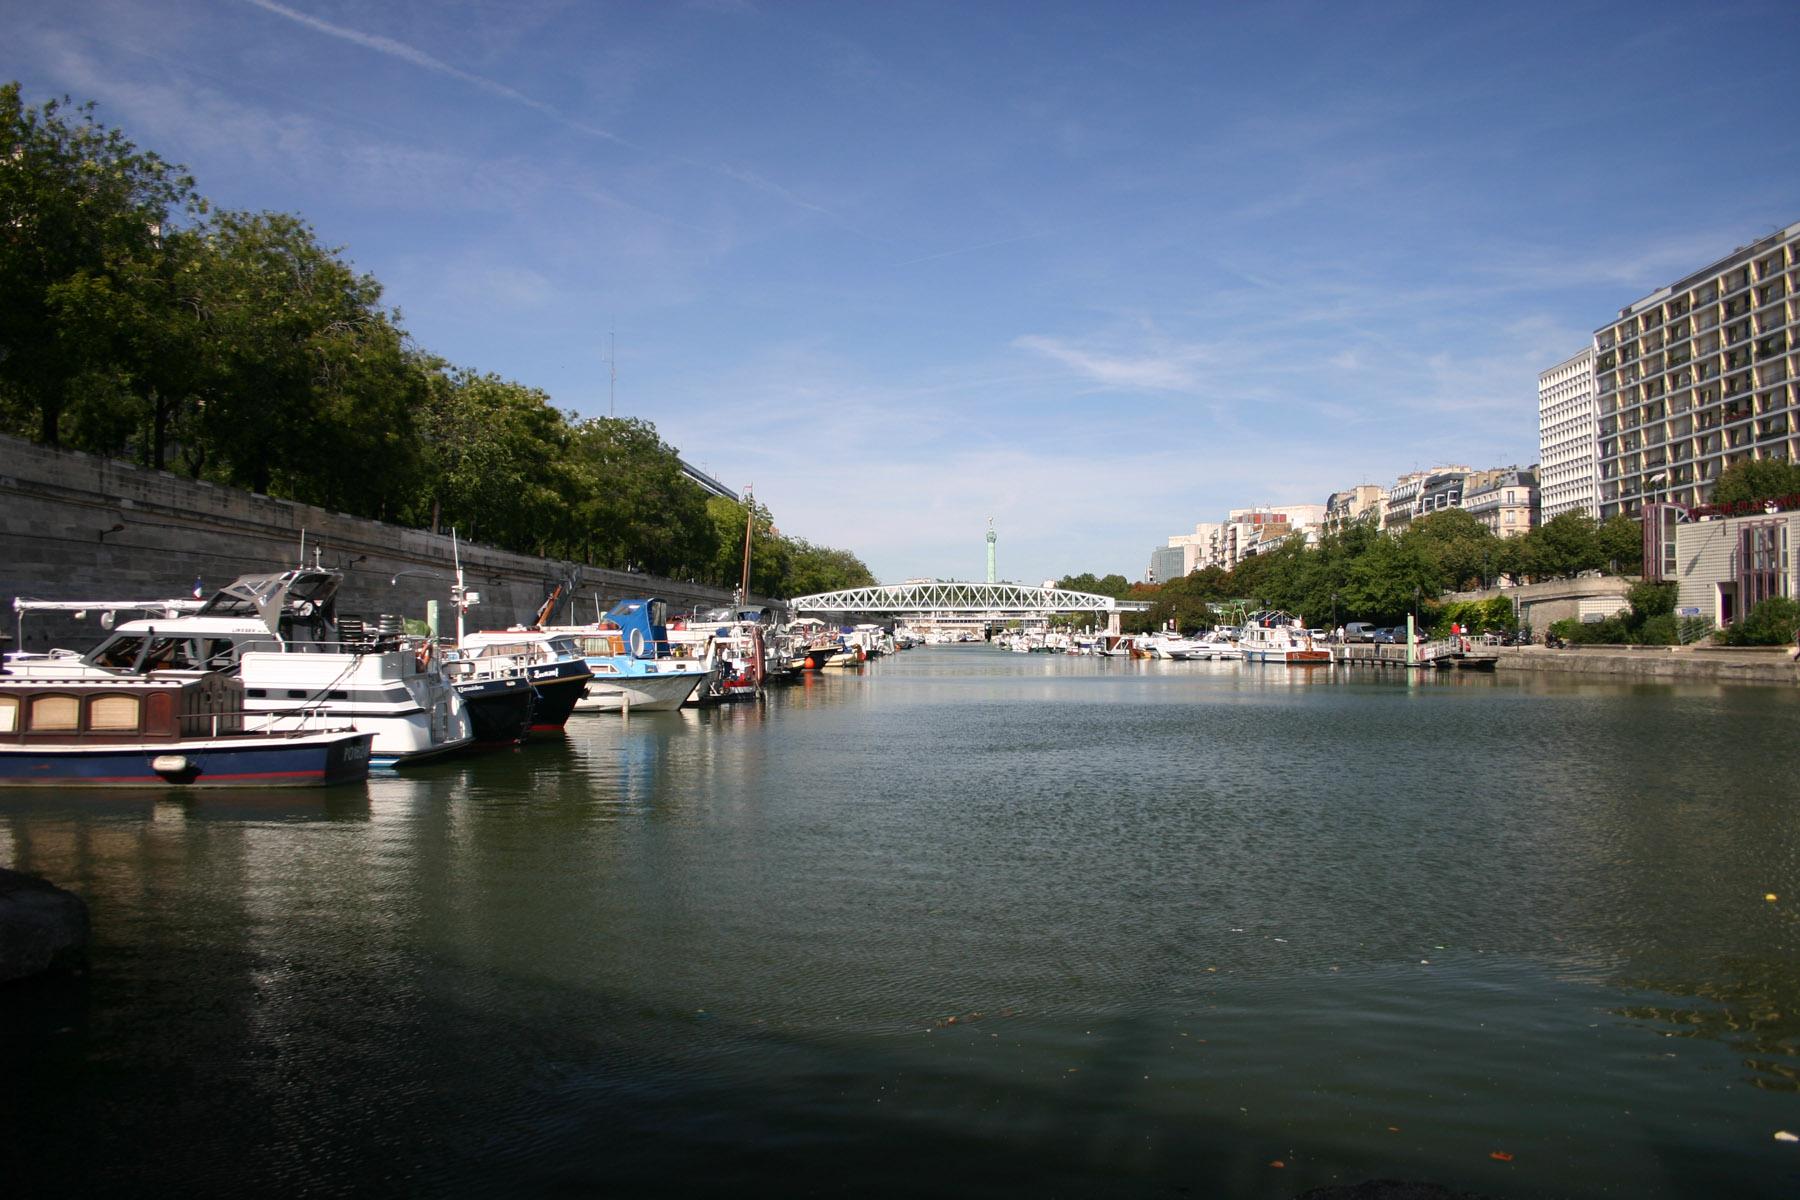 Port de l 39 arsenal sur freemages - Port de l arsenal paris ...